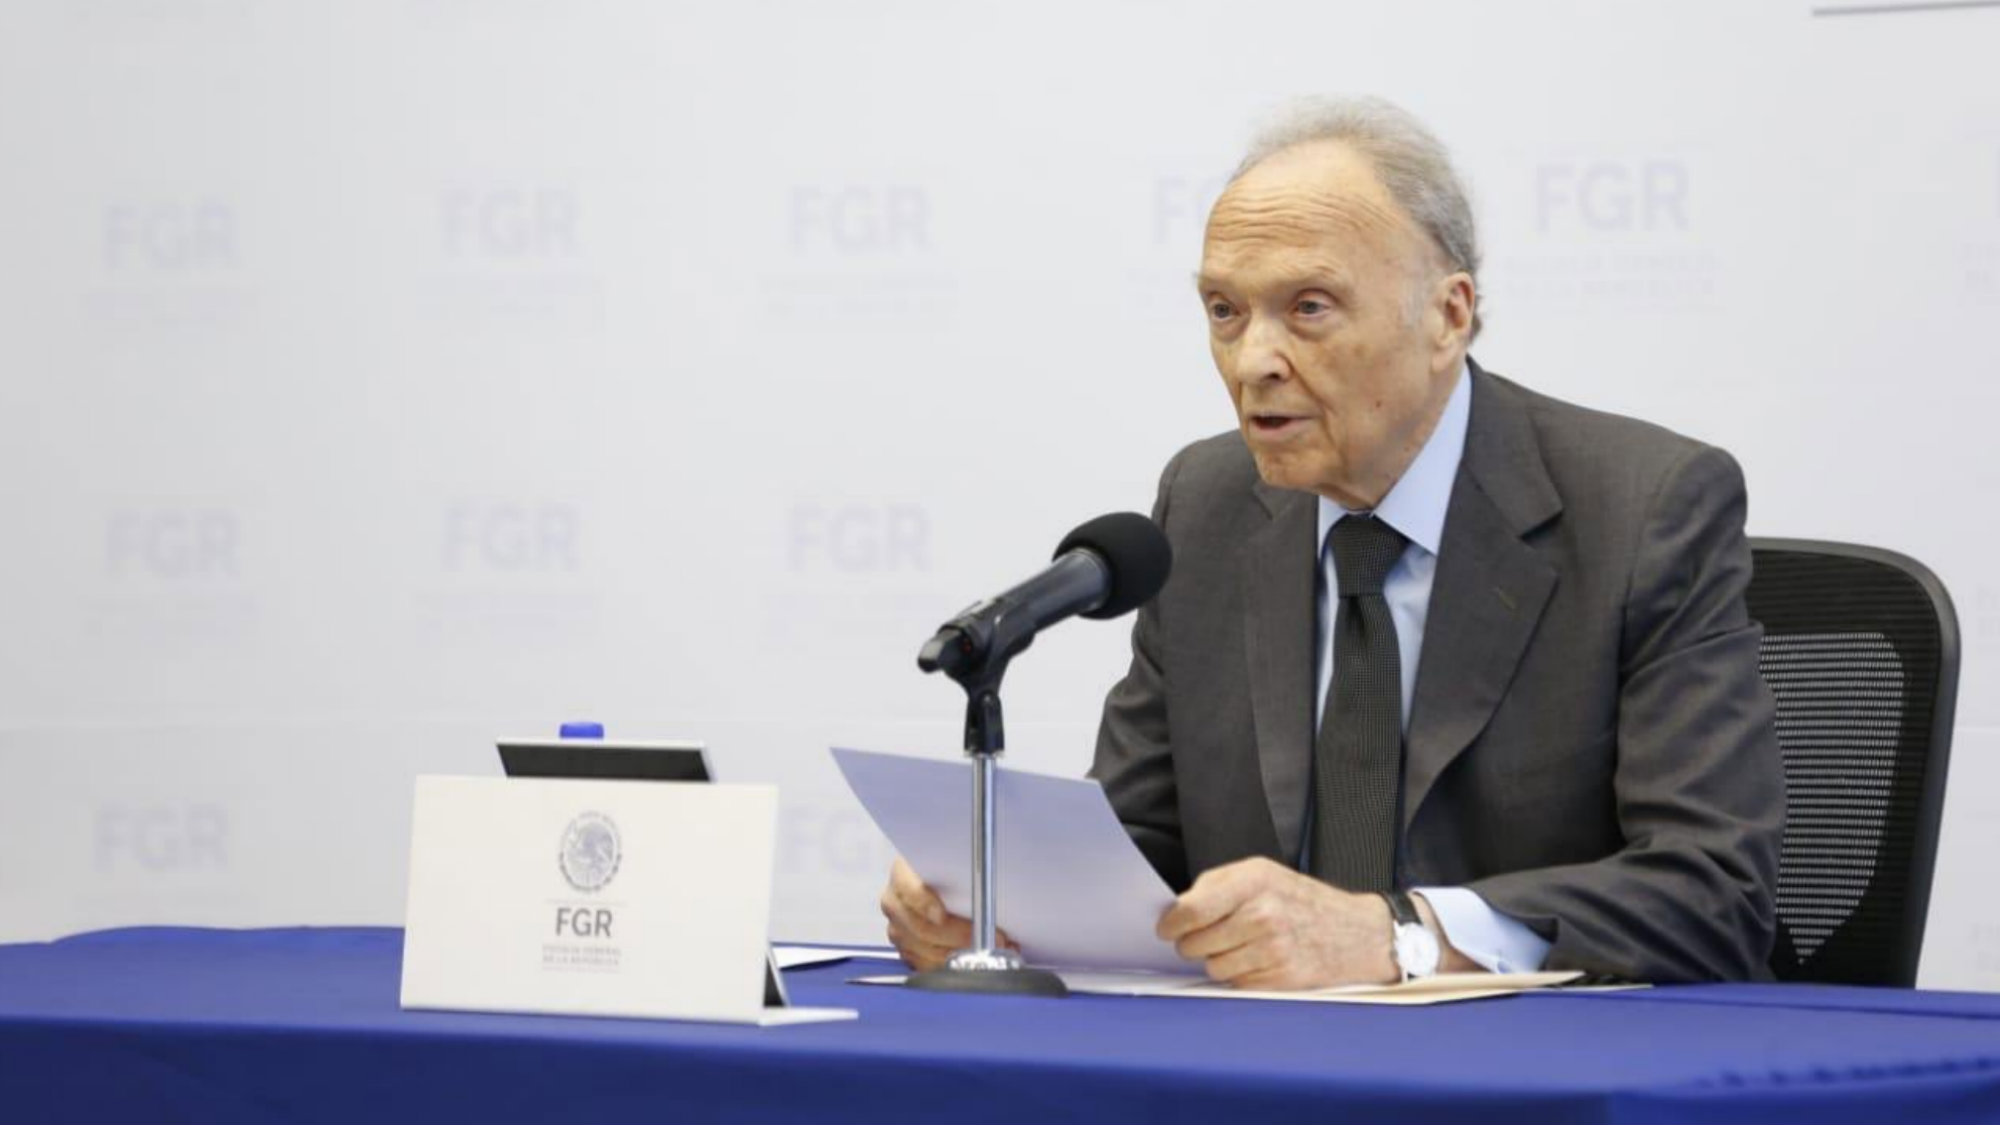 Fiscalía General de la República Gertz Manero Estafa Maestra Caso Odebrecht